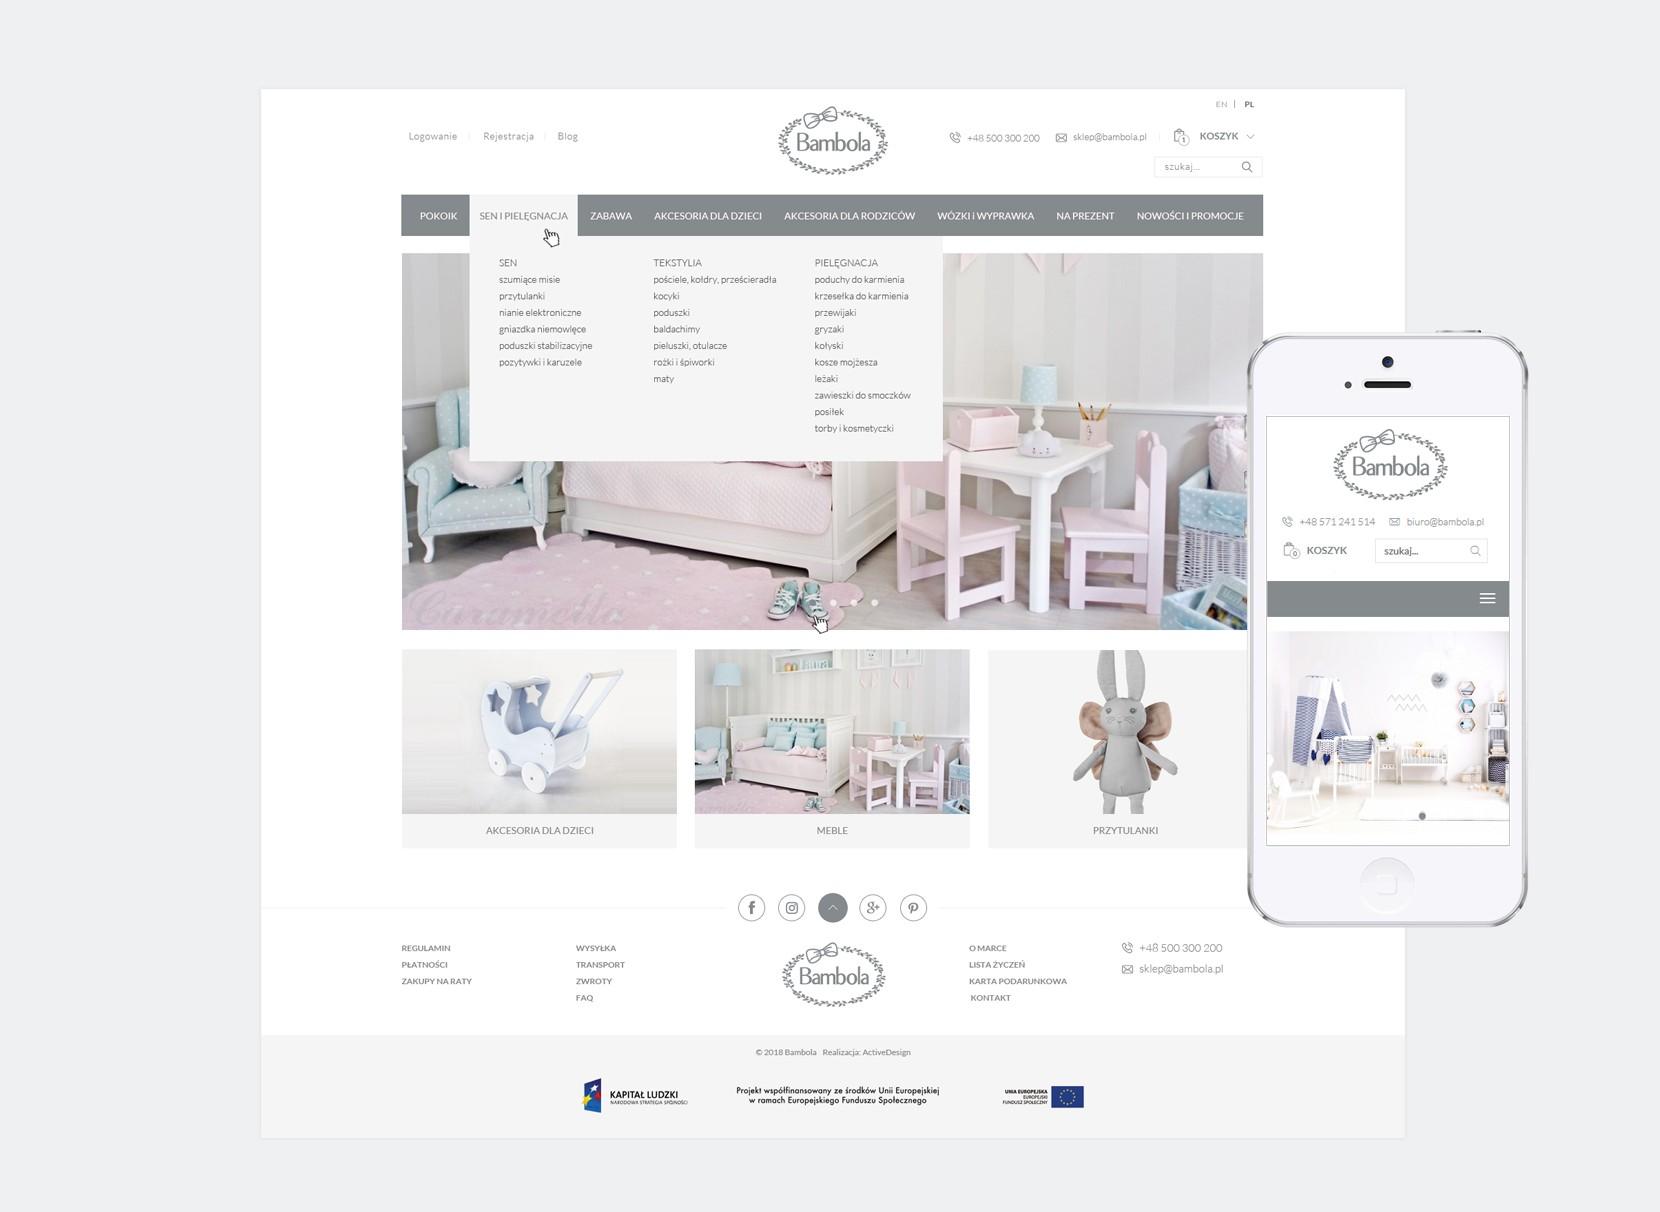 projektowanie sklepów bambola